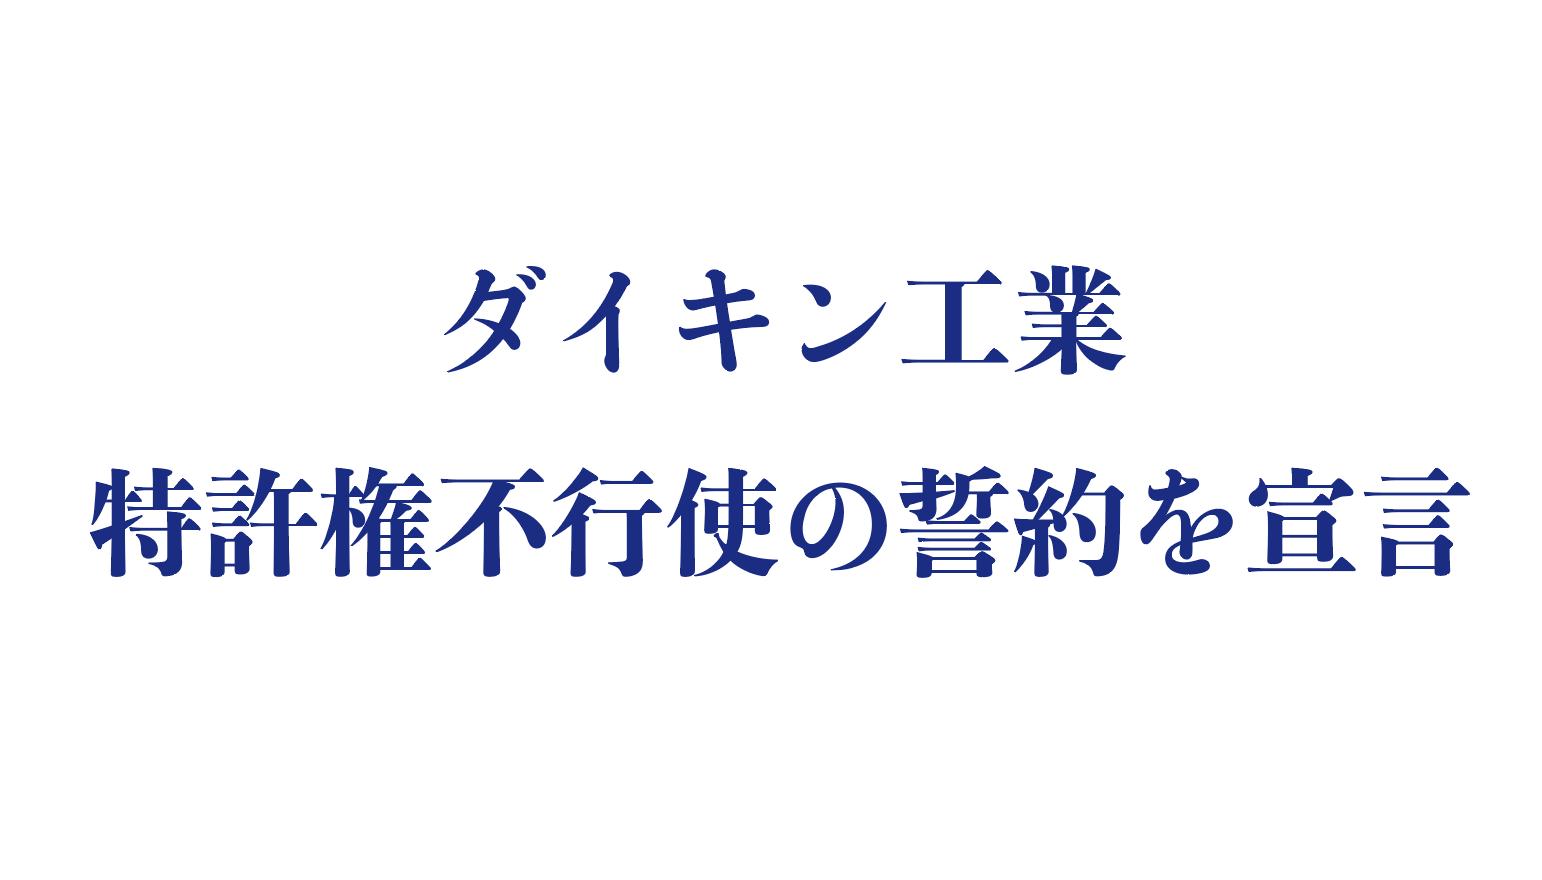 【ダイキン工業】HFC―32単体冷媒を用いた空調機の製造・販売等に関し 特許権不行使の誓約を宣言の画像